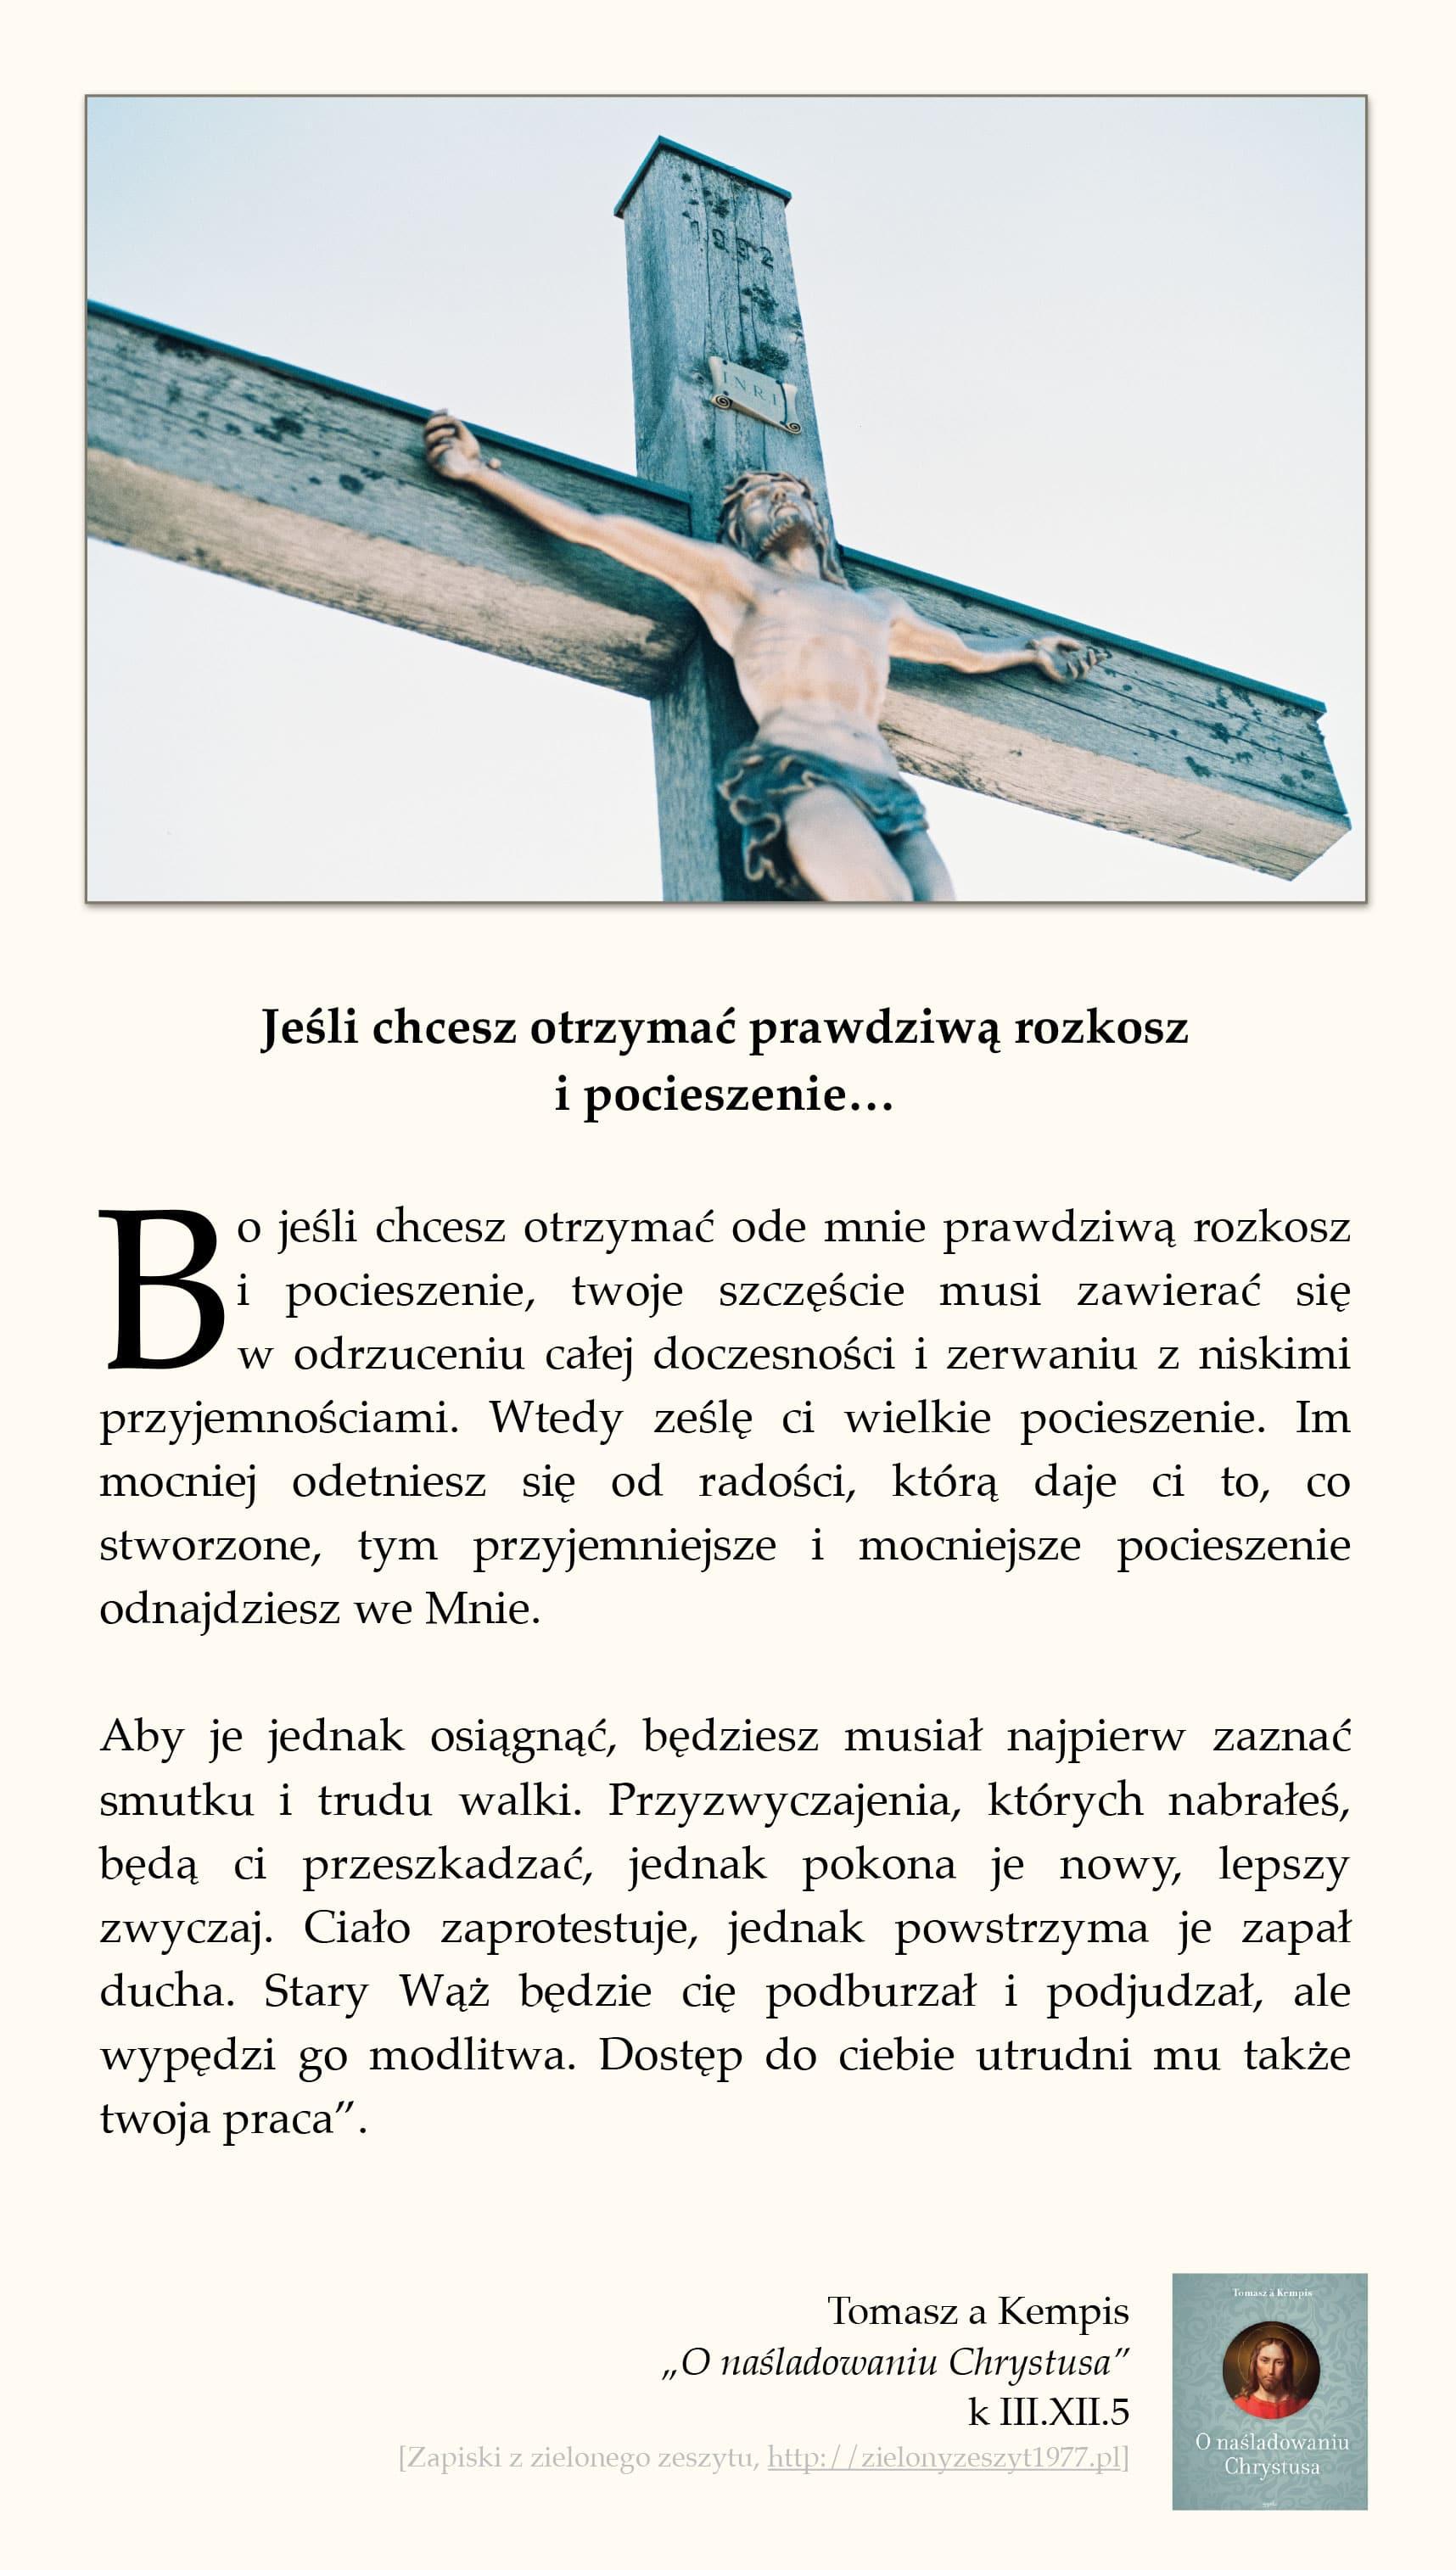 """Tomasz a Kempis, """"O naśladowaniu Chrystusa"""", k III.XII.5 (Jeśli chcesz otrzymać prawdziwą rozkosz i pocieszenie…)"""